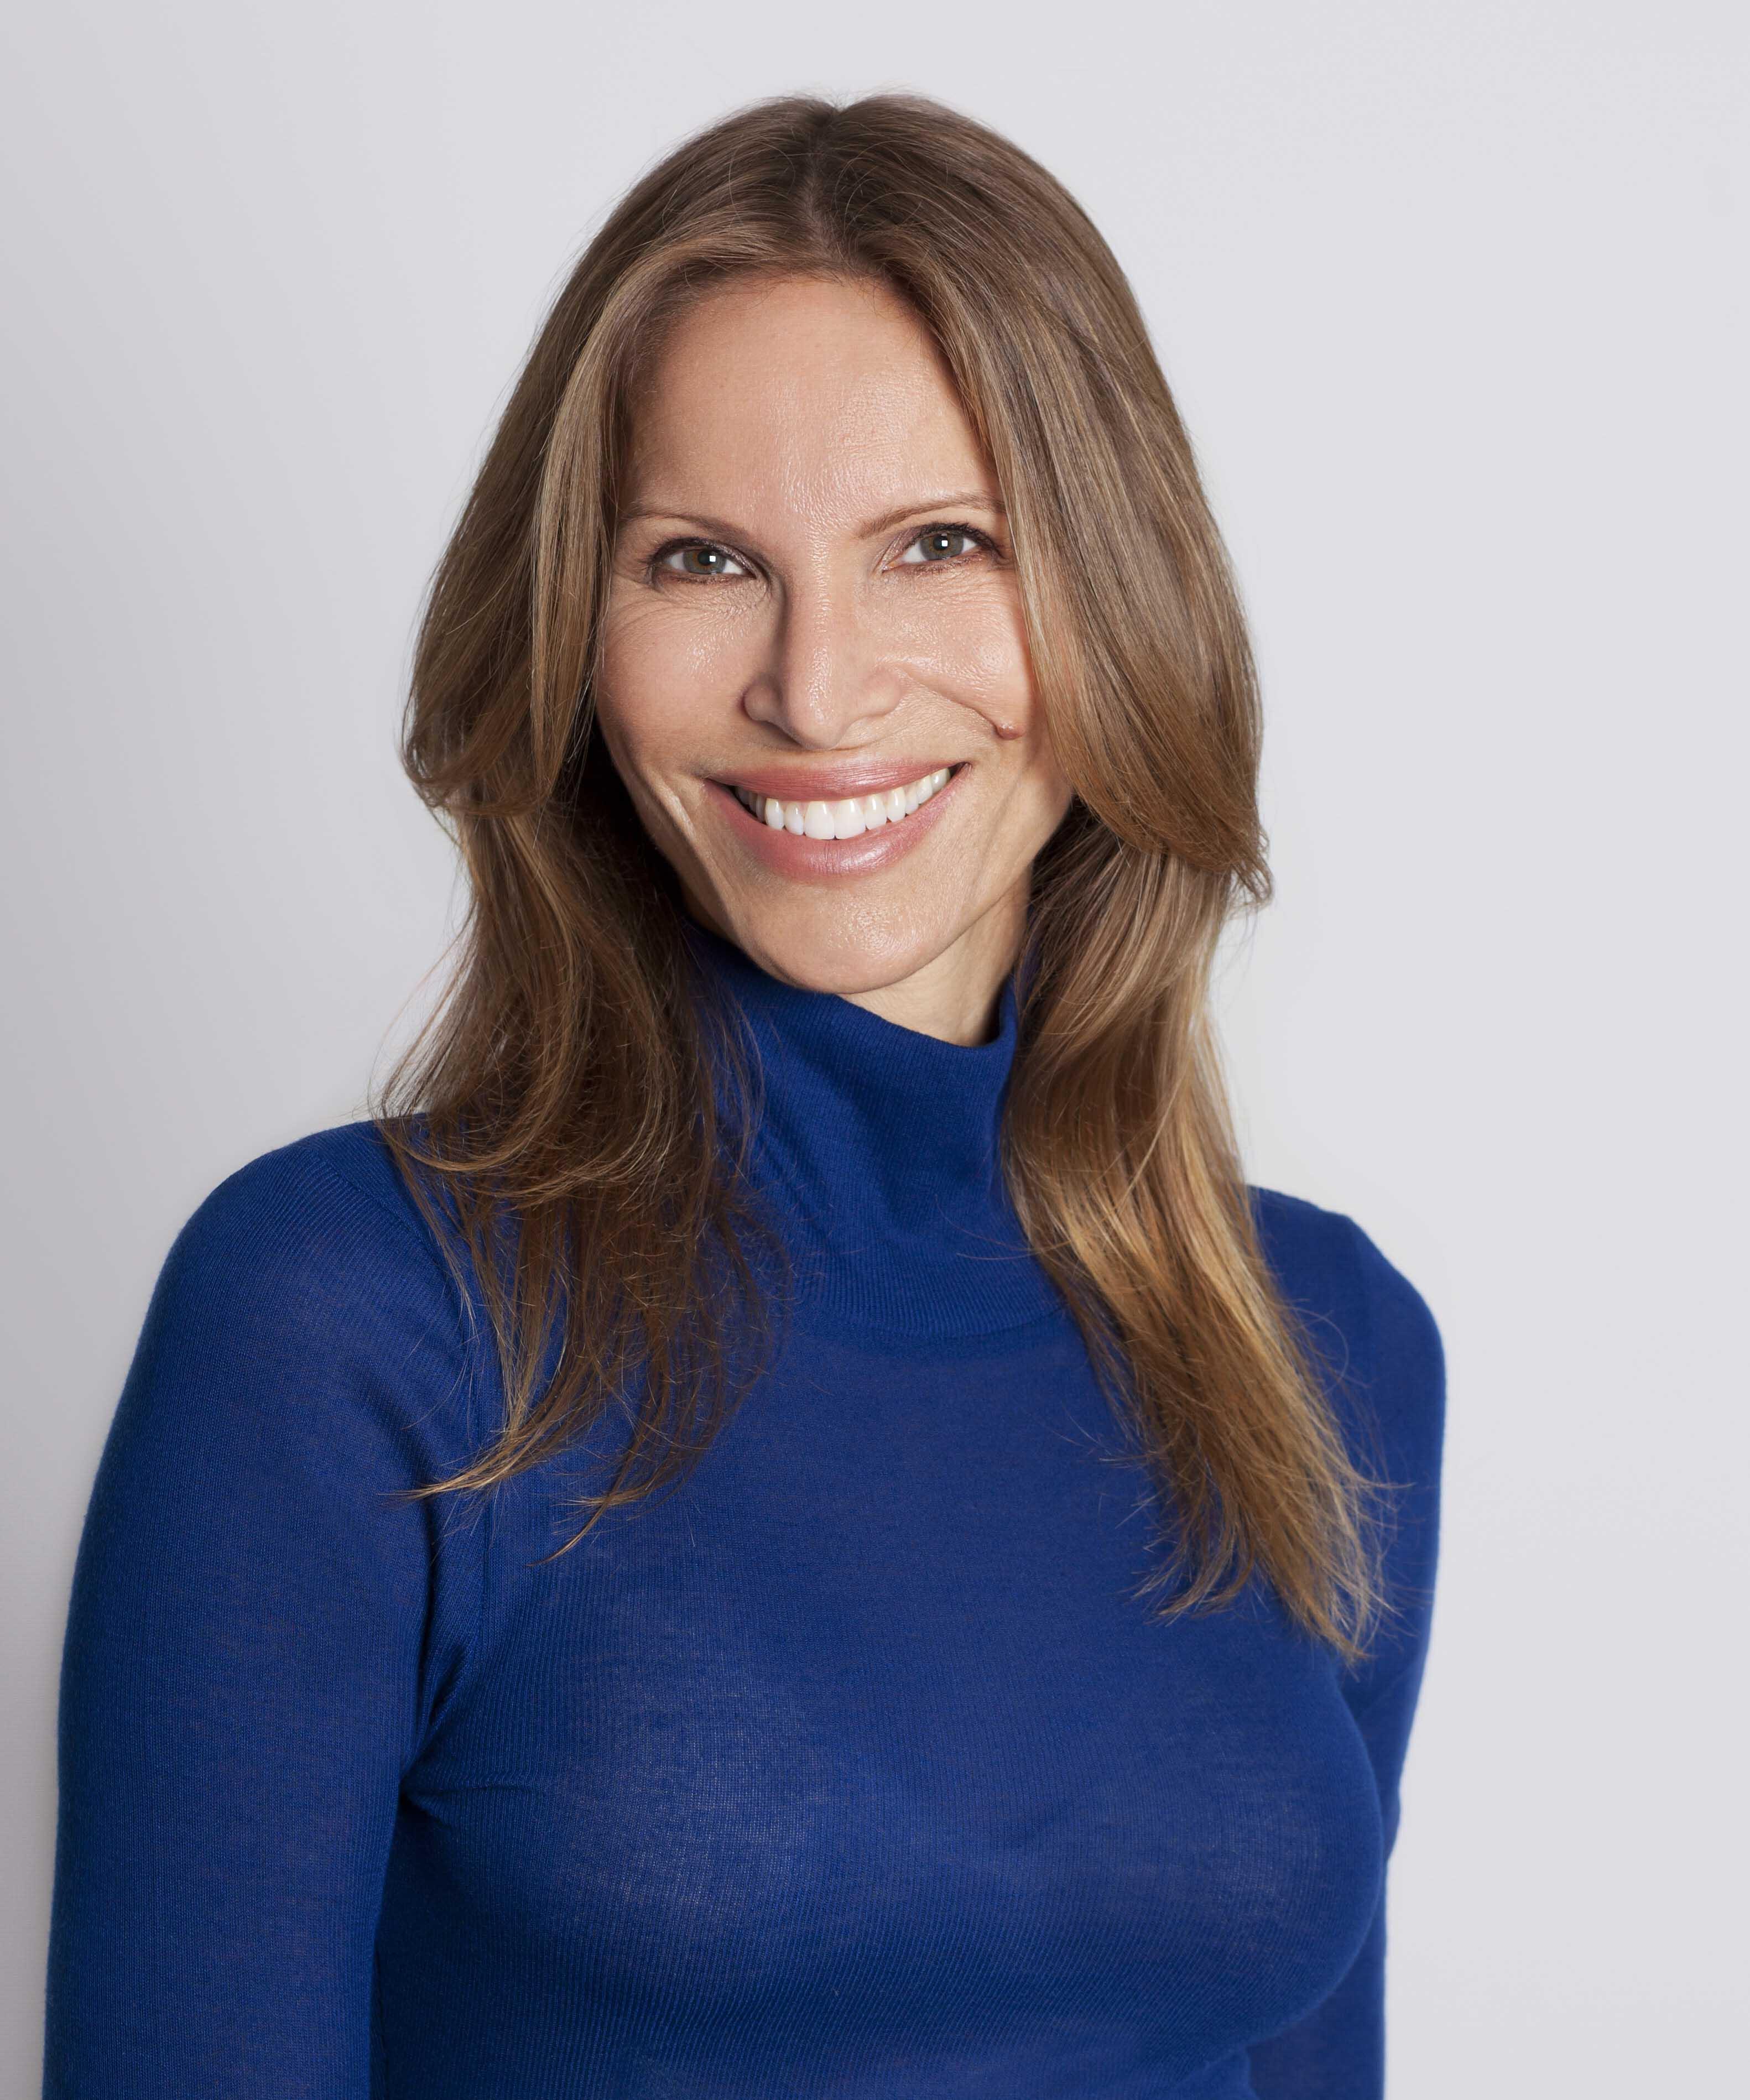 Rachelle Watt